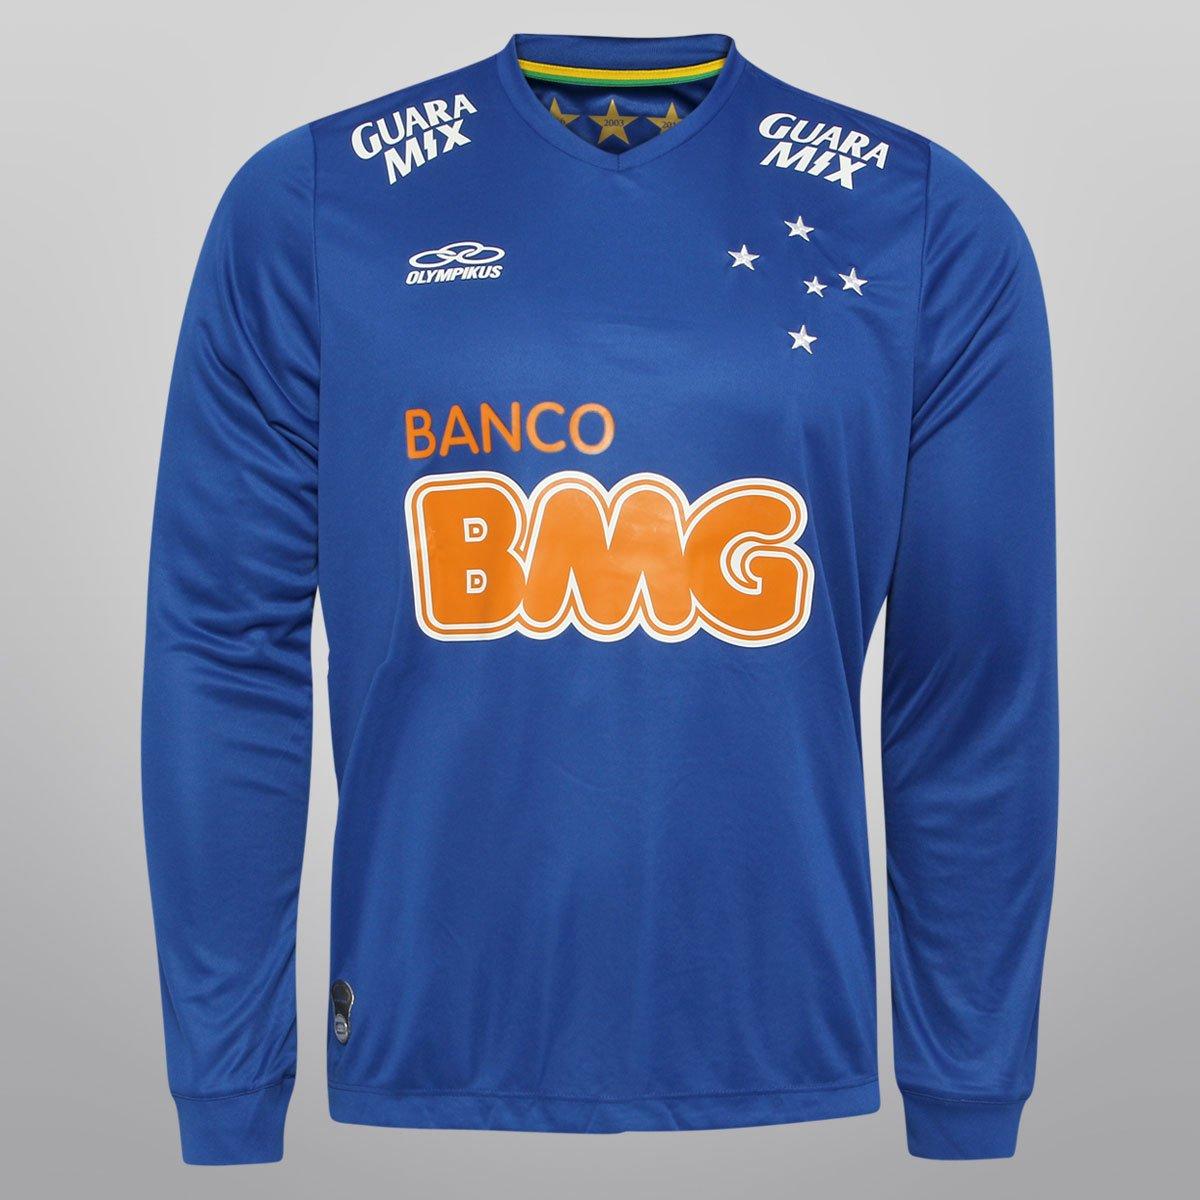 Camisa Olympikus Cruzeiro I 2014 nº 10 M L - Compre Agora  5848af1c17637